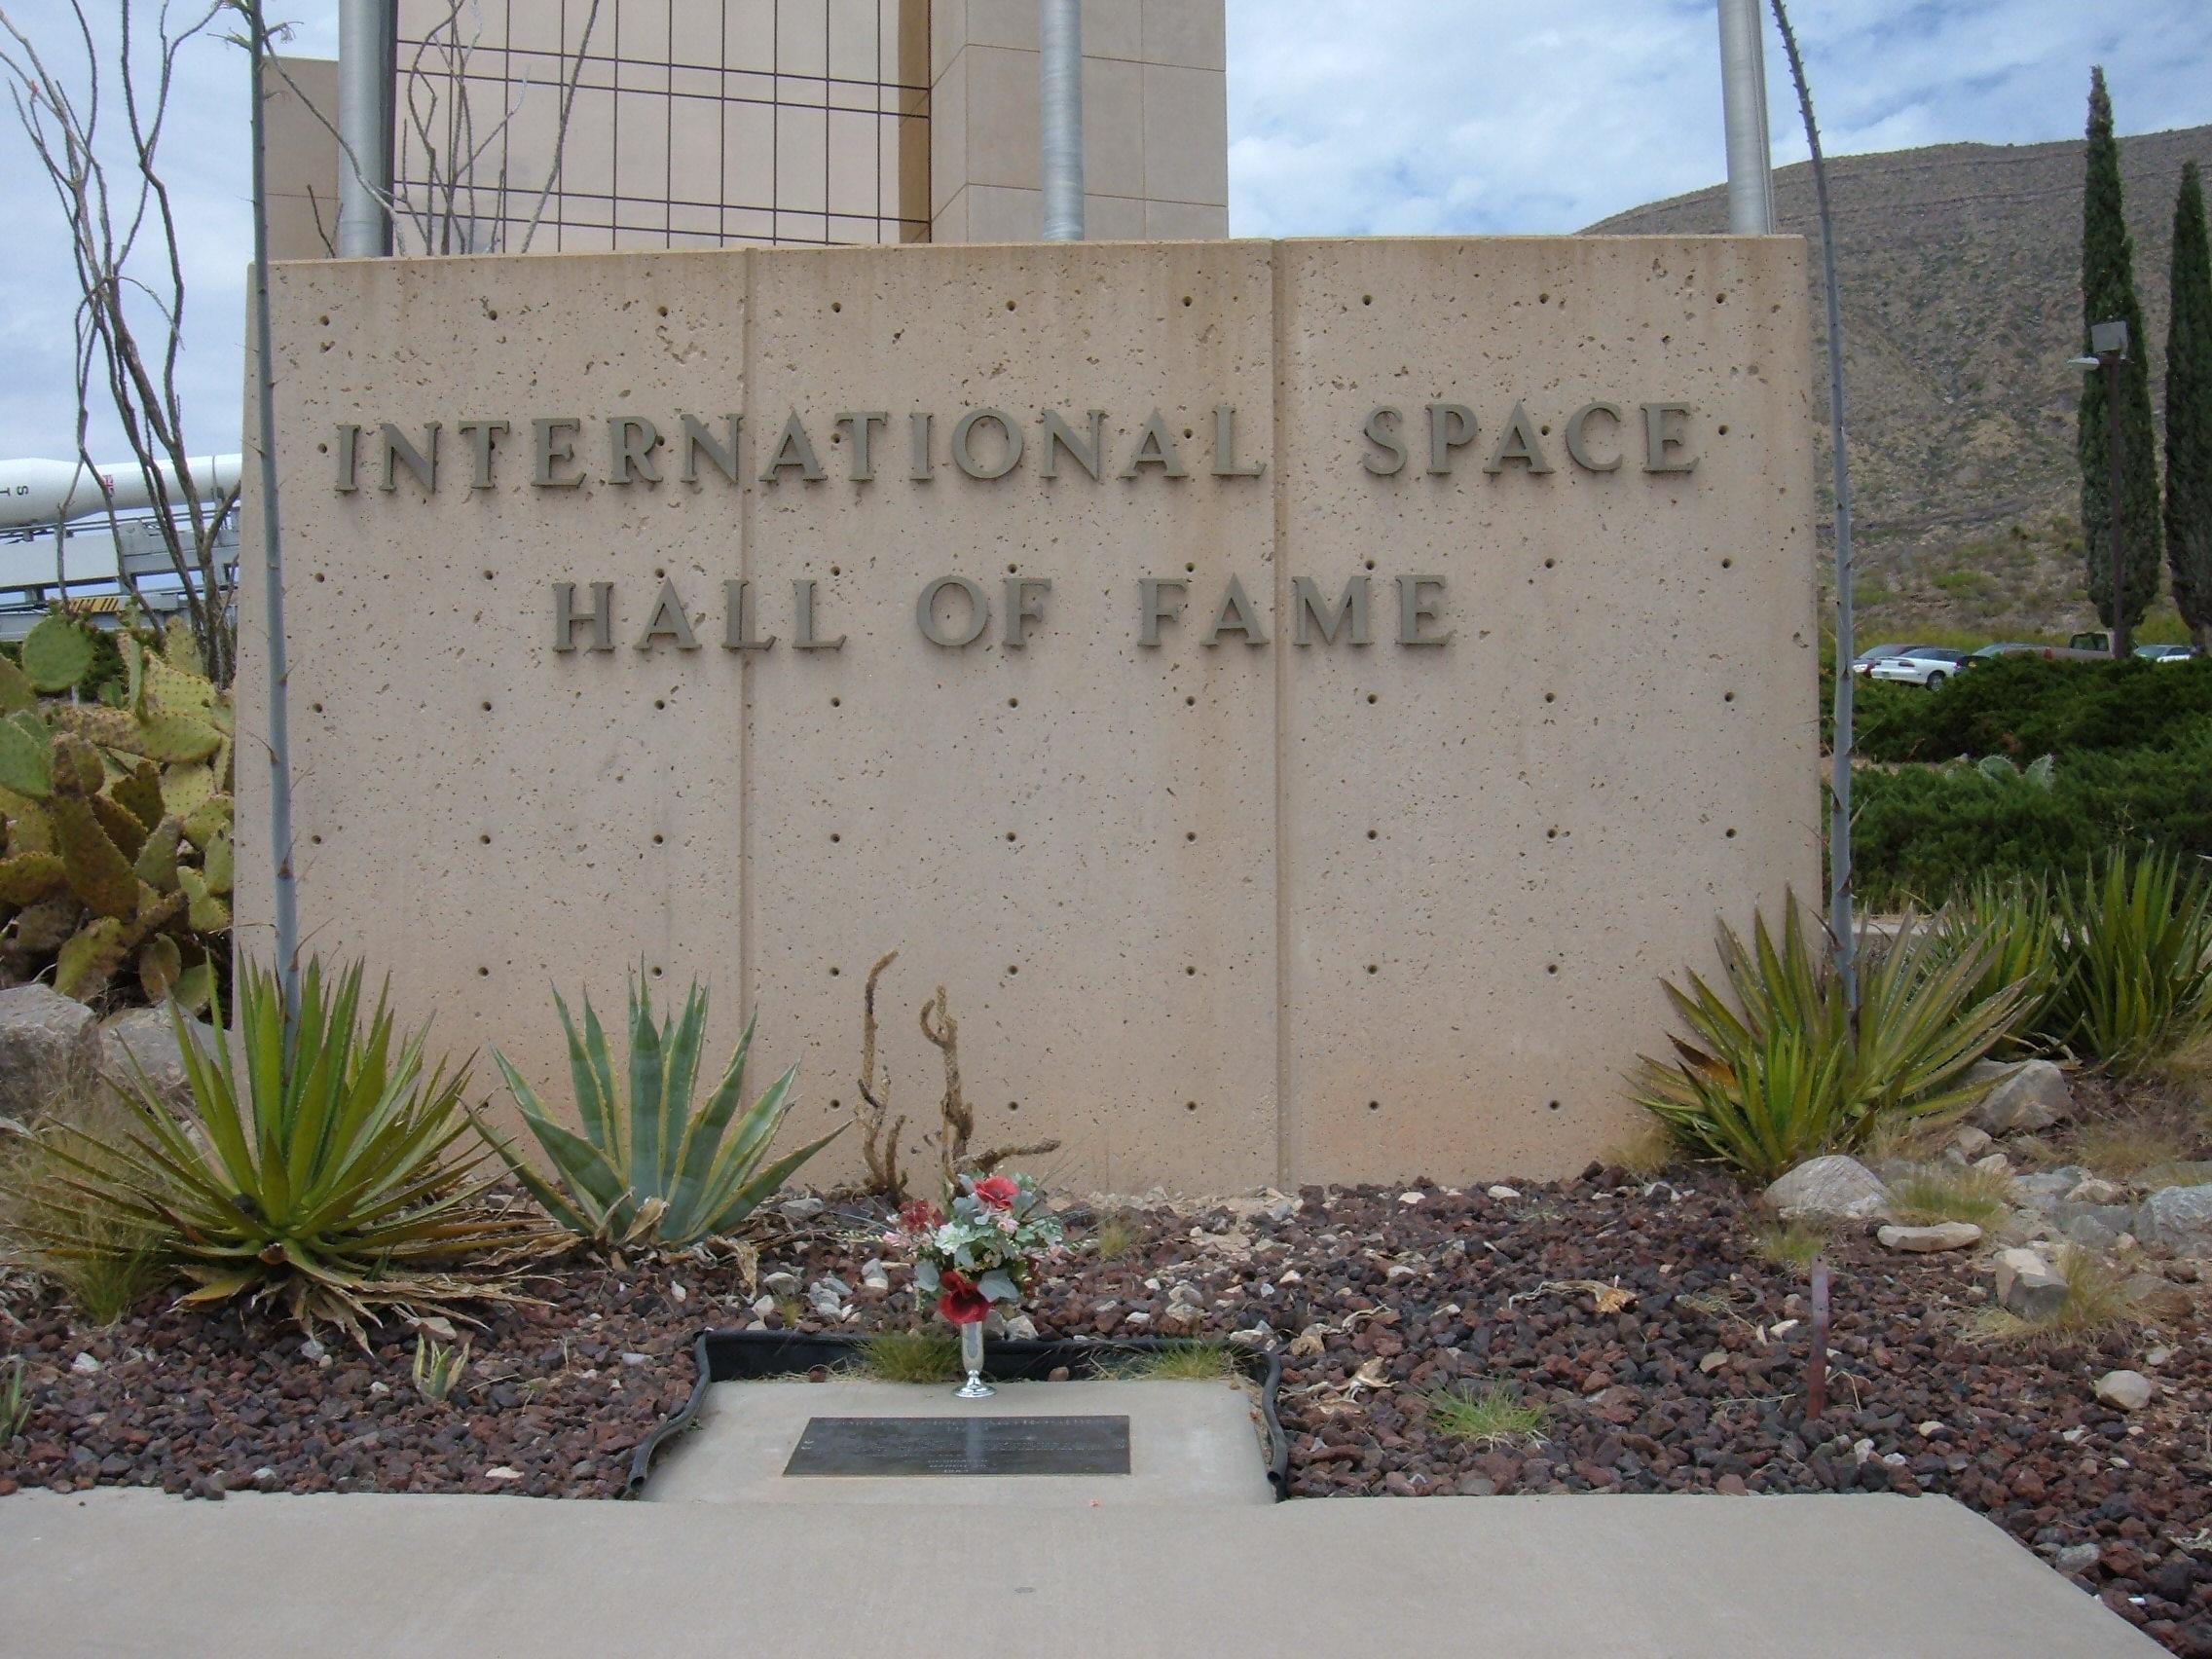 Tumba de Ham, en el Salón de la Fama del Espacio en Alamogordo, Nuevo México (Estados Unidos).